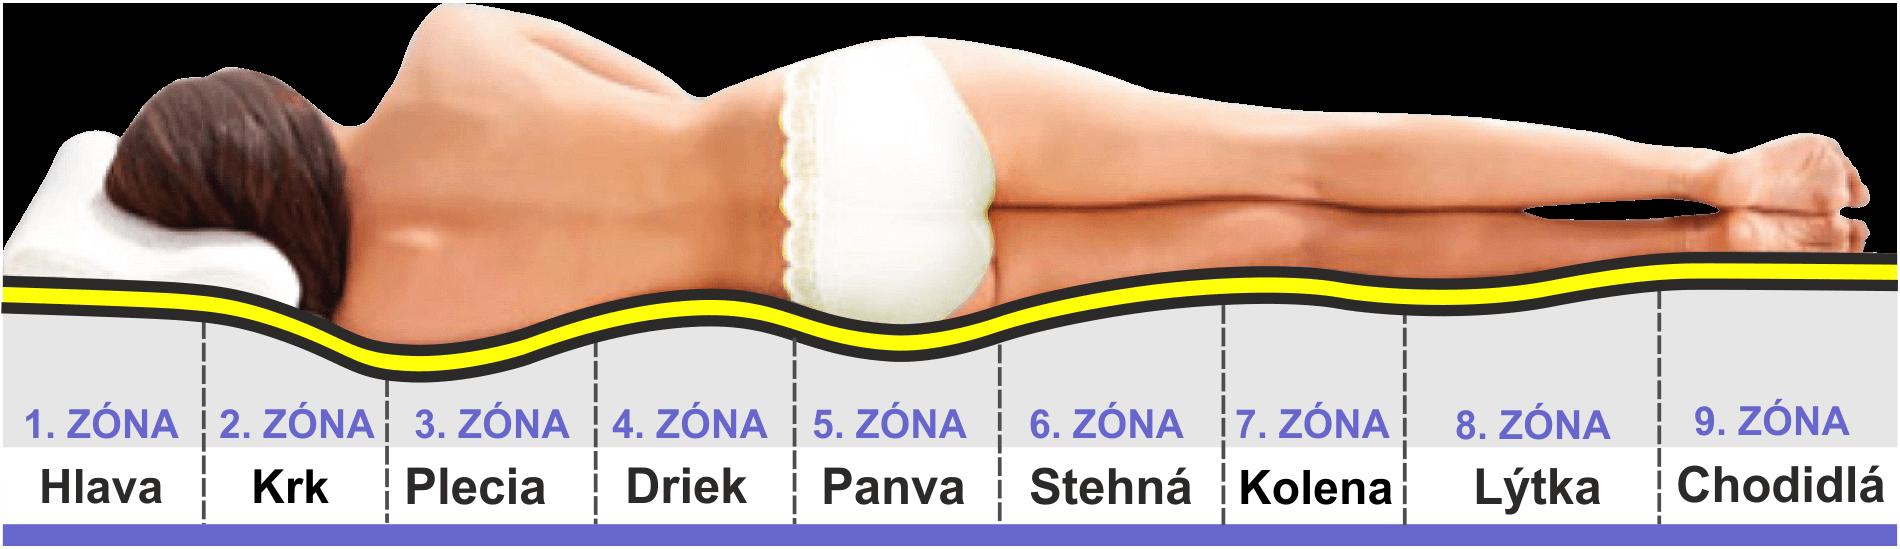 anatomické zóny 9